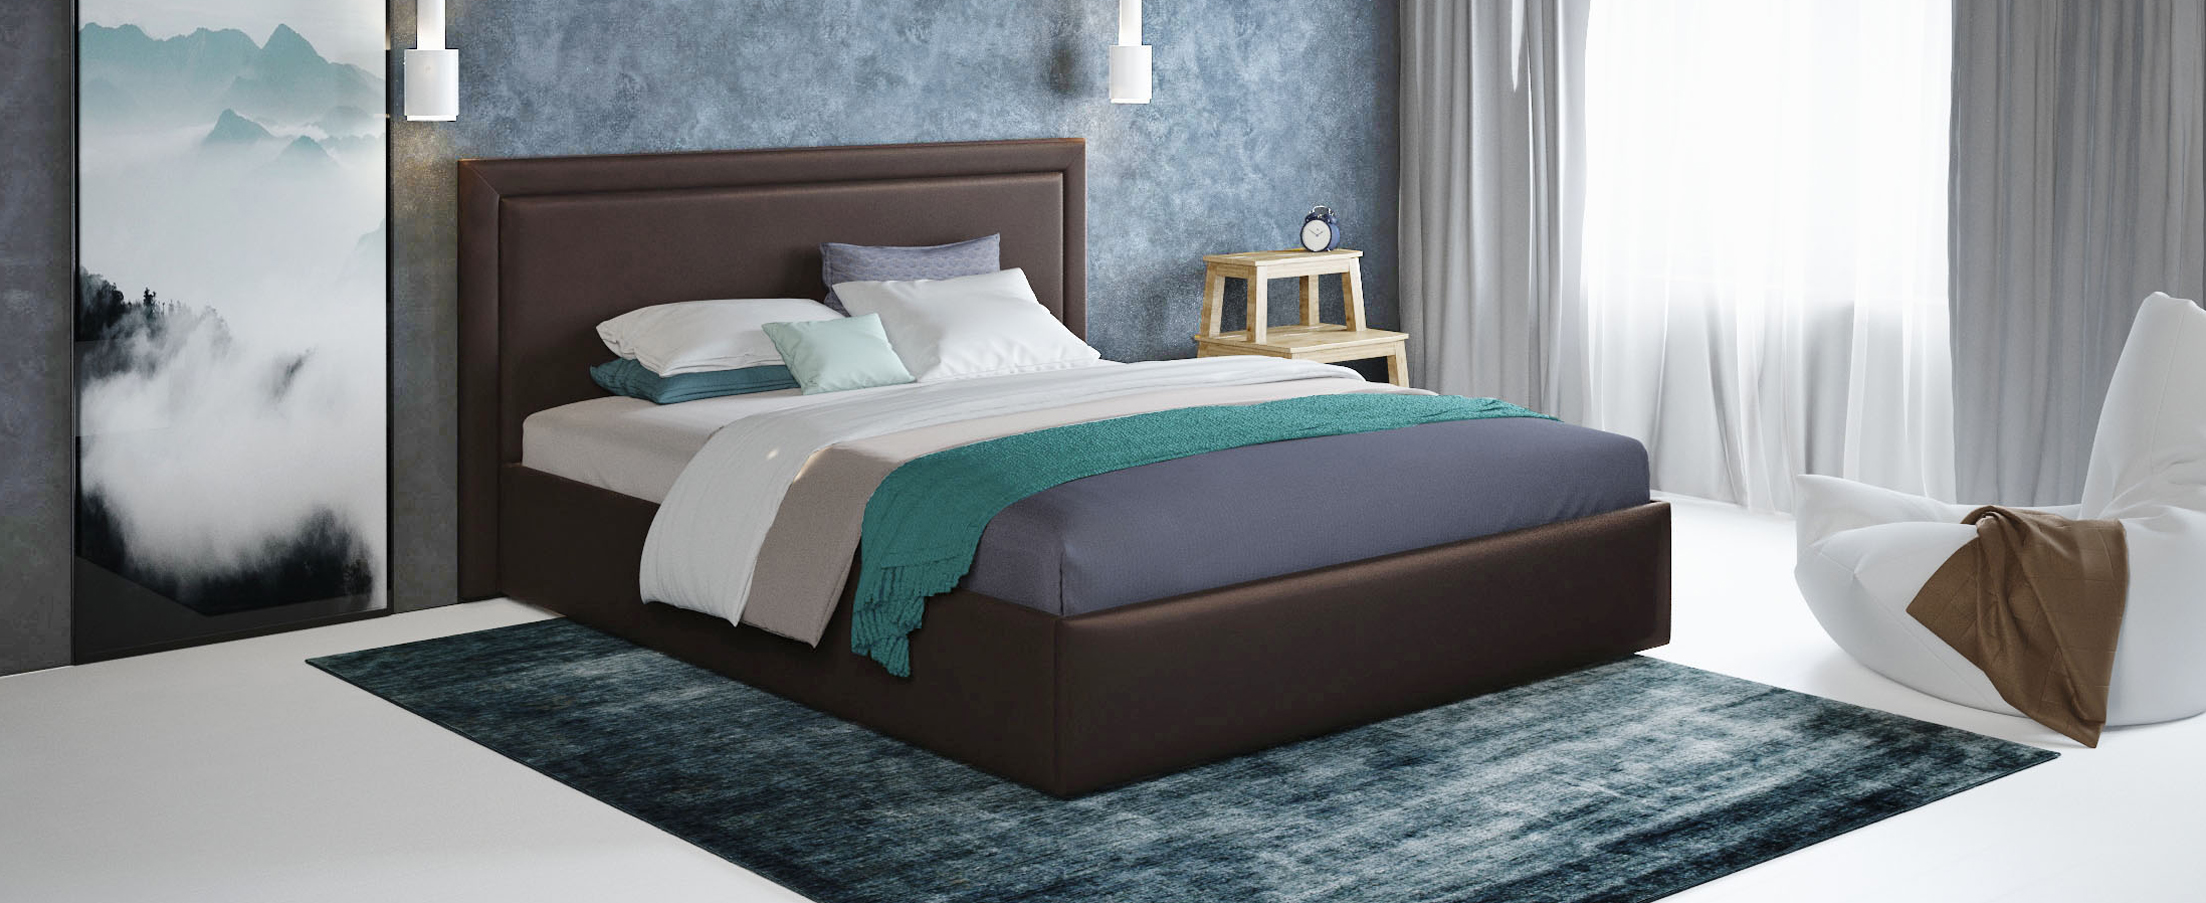 Кровать двуспальная Паола 160х200 Модель 1201Прямоугольная форма изголовья кровати Паола с мягкой рамой по краям напоминает собой картину. Простые строгие формы без лишних деталей позволяют вписать эту кровать в интерьер практически любого стилистического направления.<br><br>Ширина см: 185<br>Глубина см: 209<br>Высота см: 104<br>Ширина спального места см: 160<br>Глубина спального места см: 200<br>Встроенное основание: Есть<br>Материал каркаса: ЛДСП<br>Материал обивки: Экокожа<br>Подъемный механизм: Нет<br>Цвет: Коричневый<br>Код ткани: 36-123